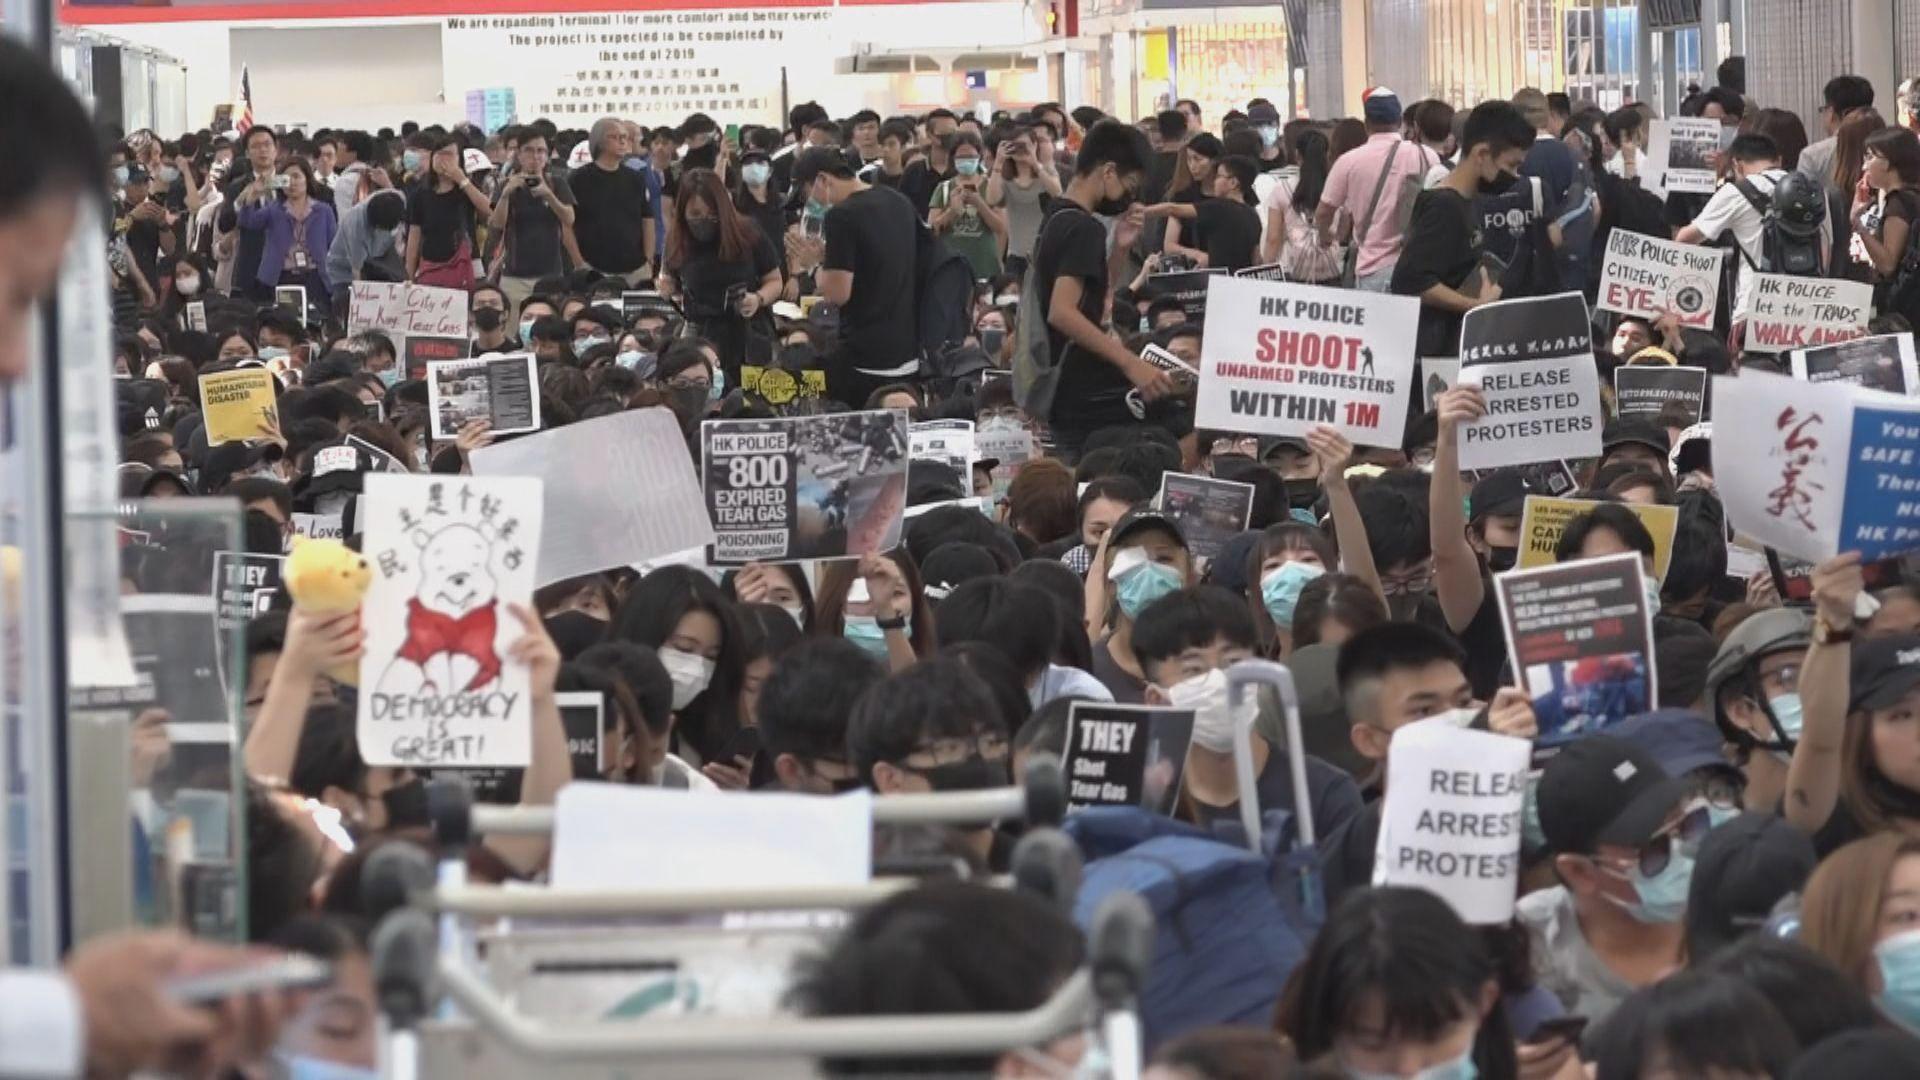 機場集會人士:試無可試下想逼政府改變